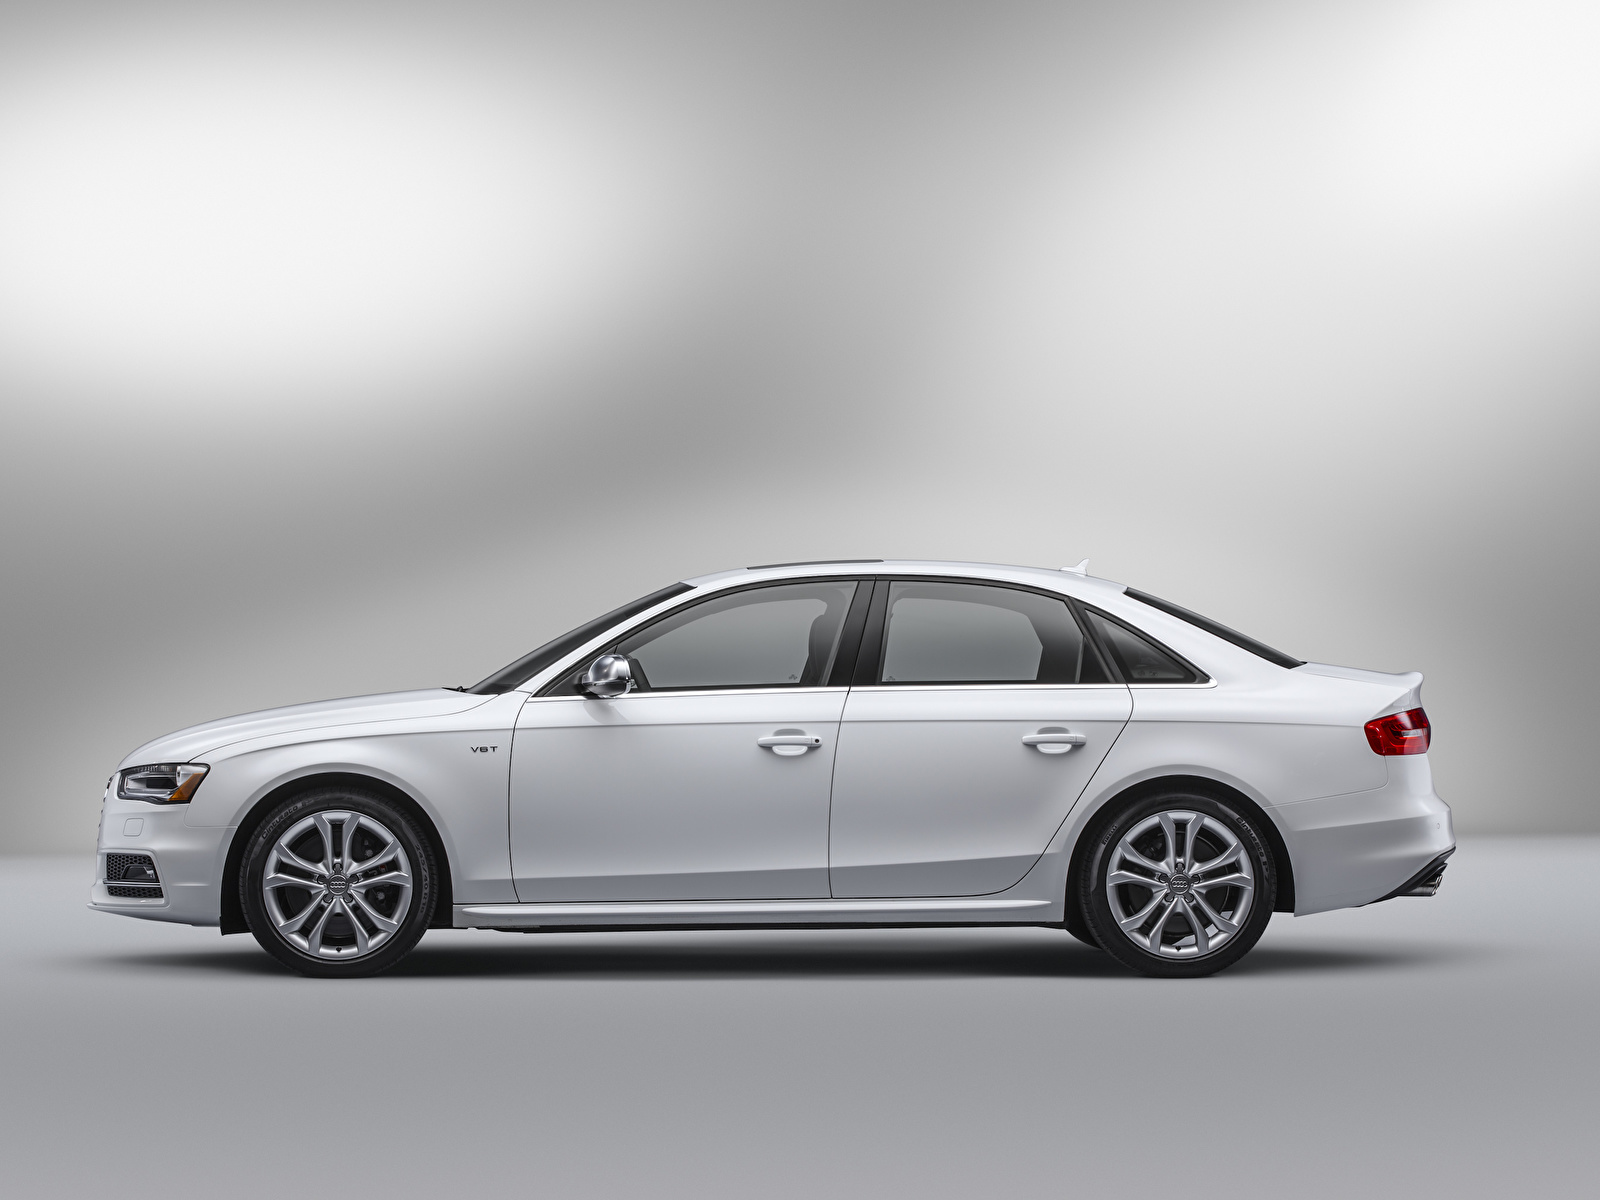 Картинка Ауди S4 Sedan, North America, (B8, 8K), 2012–17 белая авто Сбоку Металлик 1600x1200 Audi Белый белые белых машина машины Автомобили автомобиль